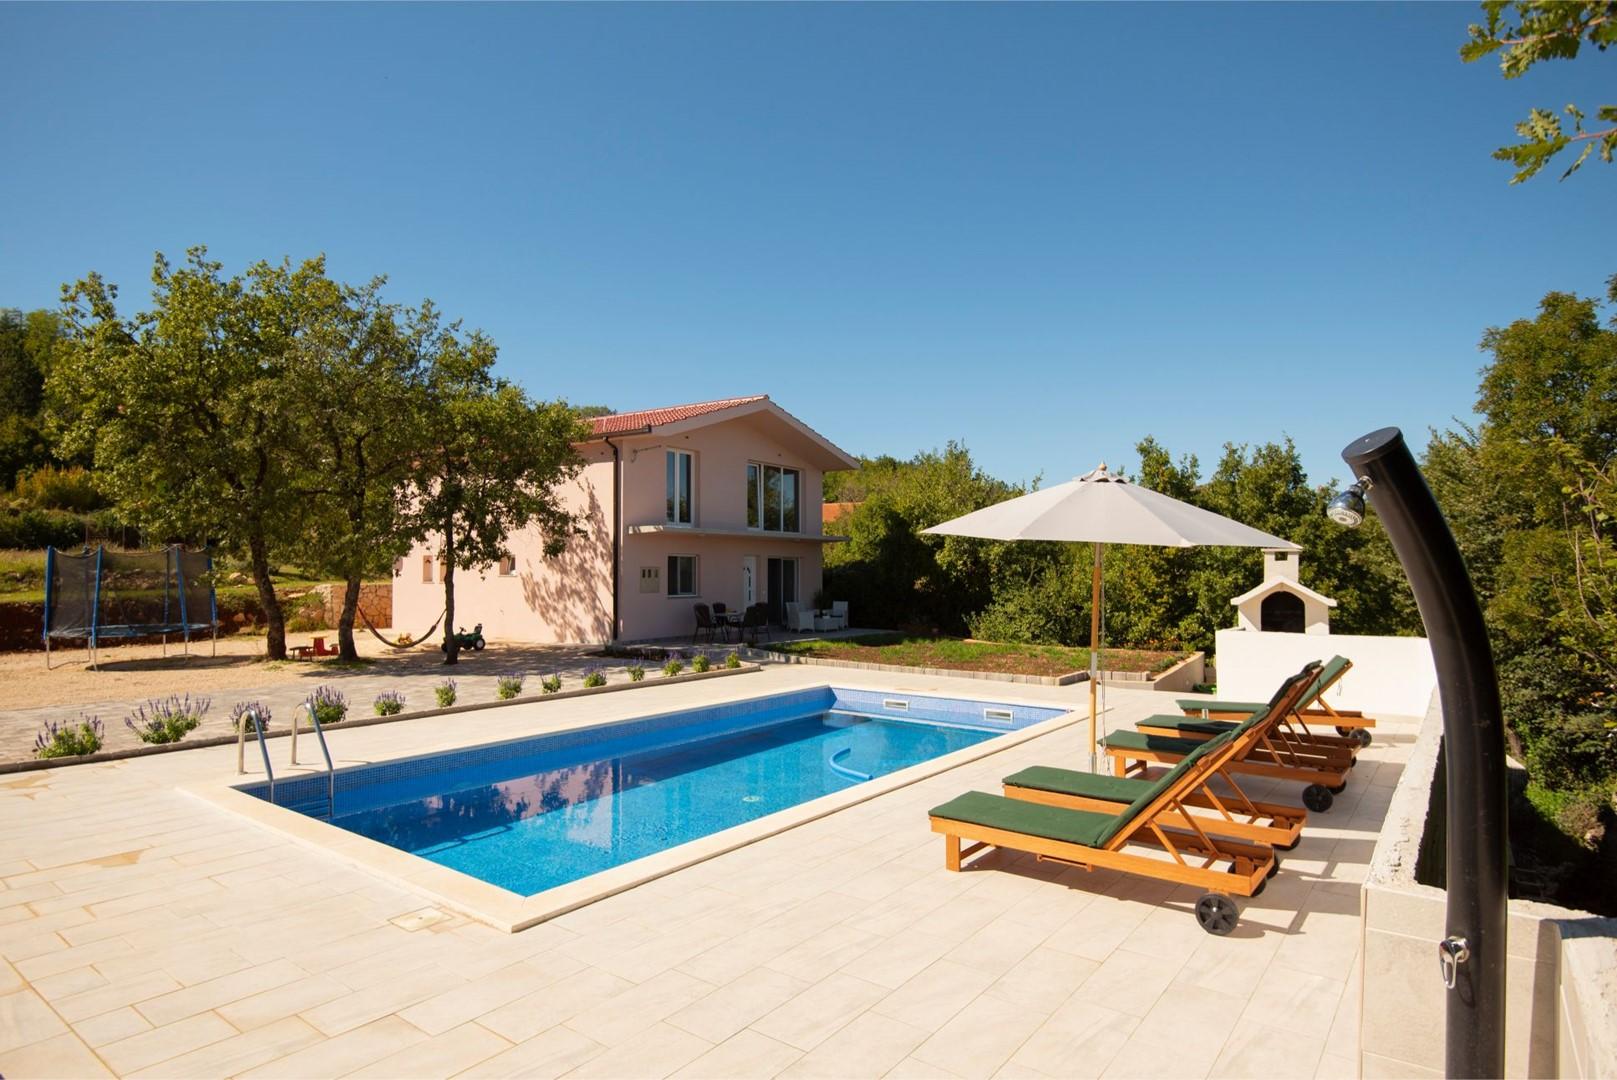 Ferienhaus ctim298-Modernes Ferienhaus mit Pool für 4+2 Personen (2639599), Kamenmost, , Dalmatien, Kroatien, Bild 14